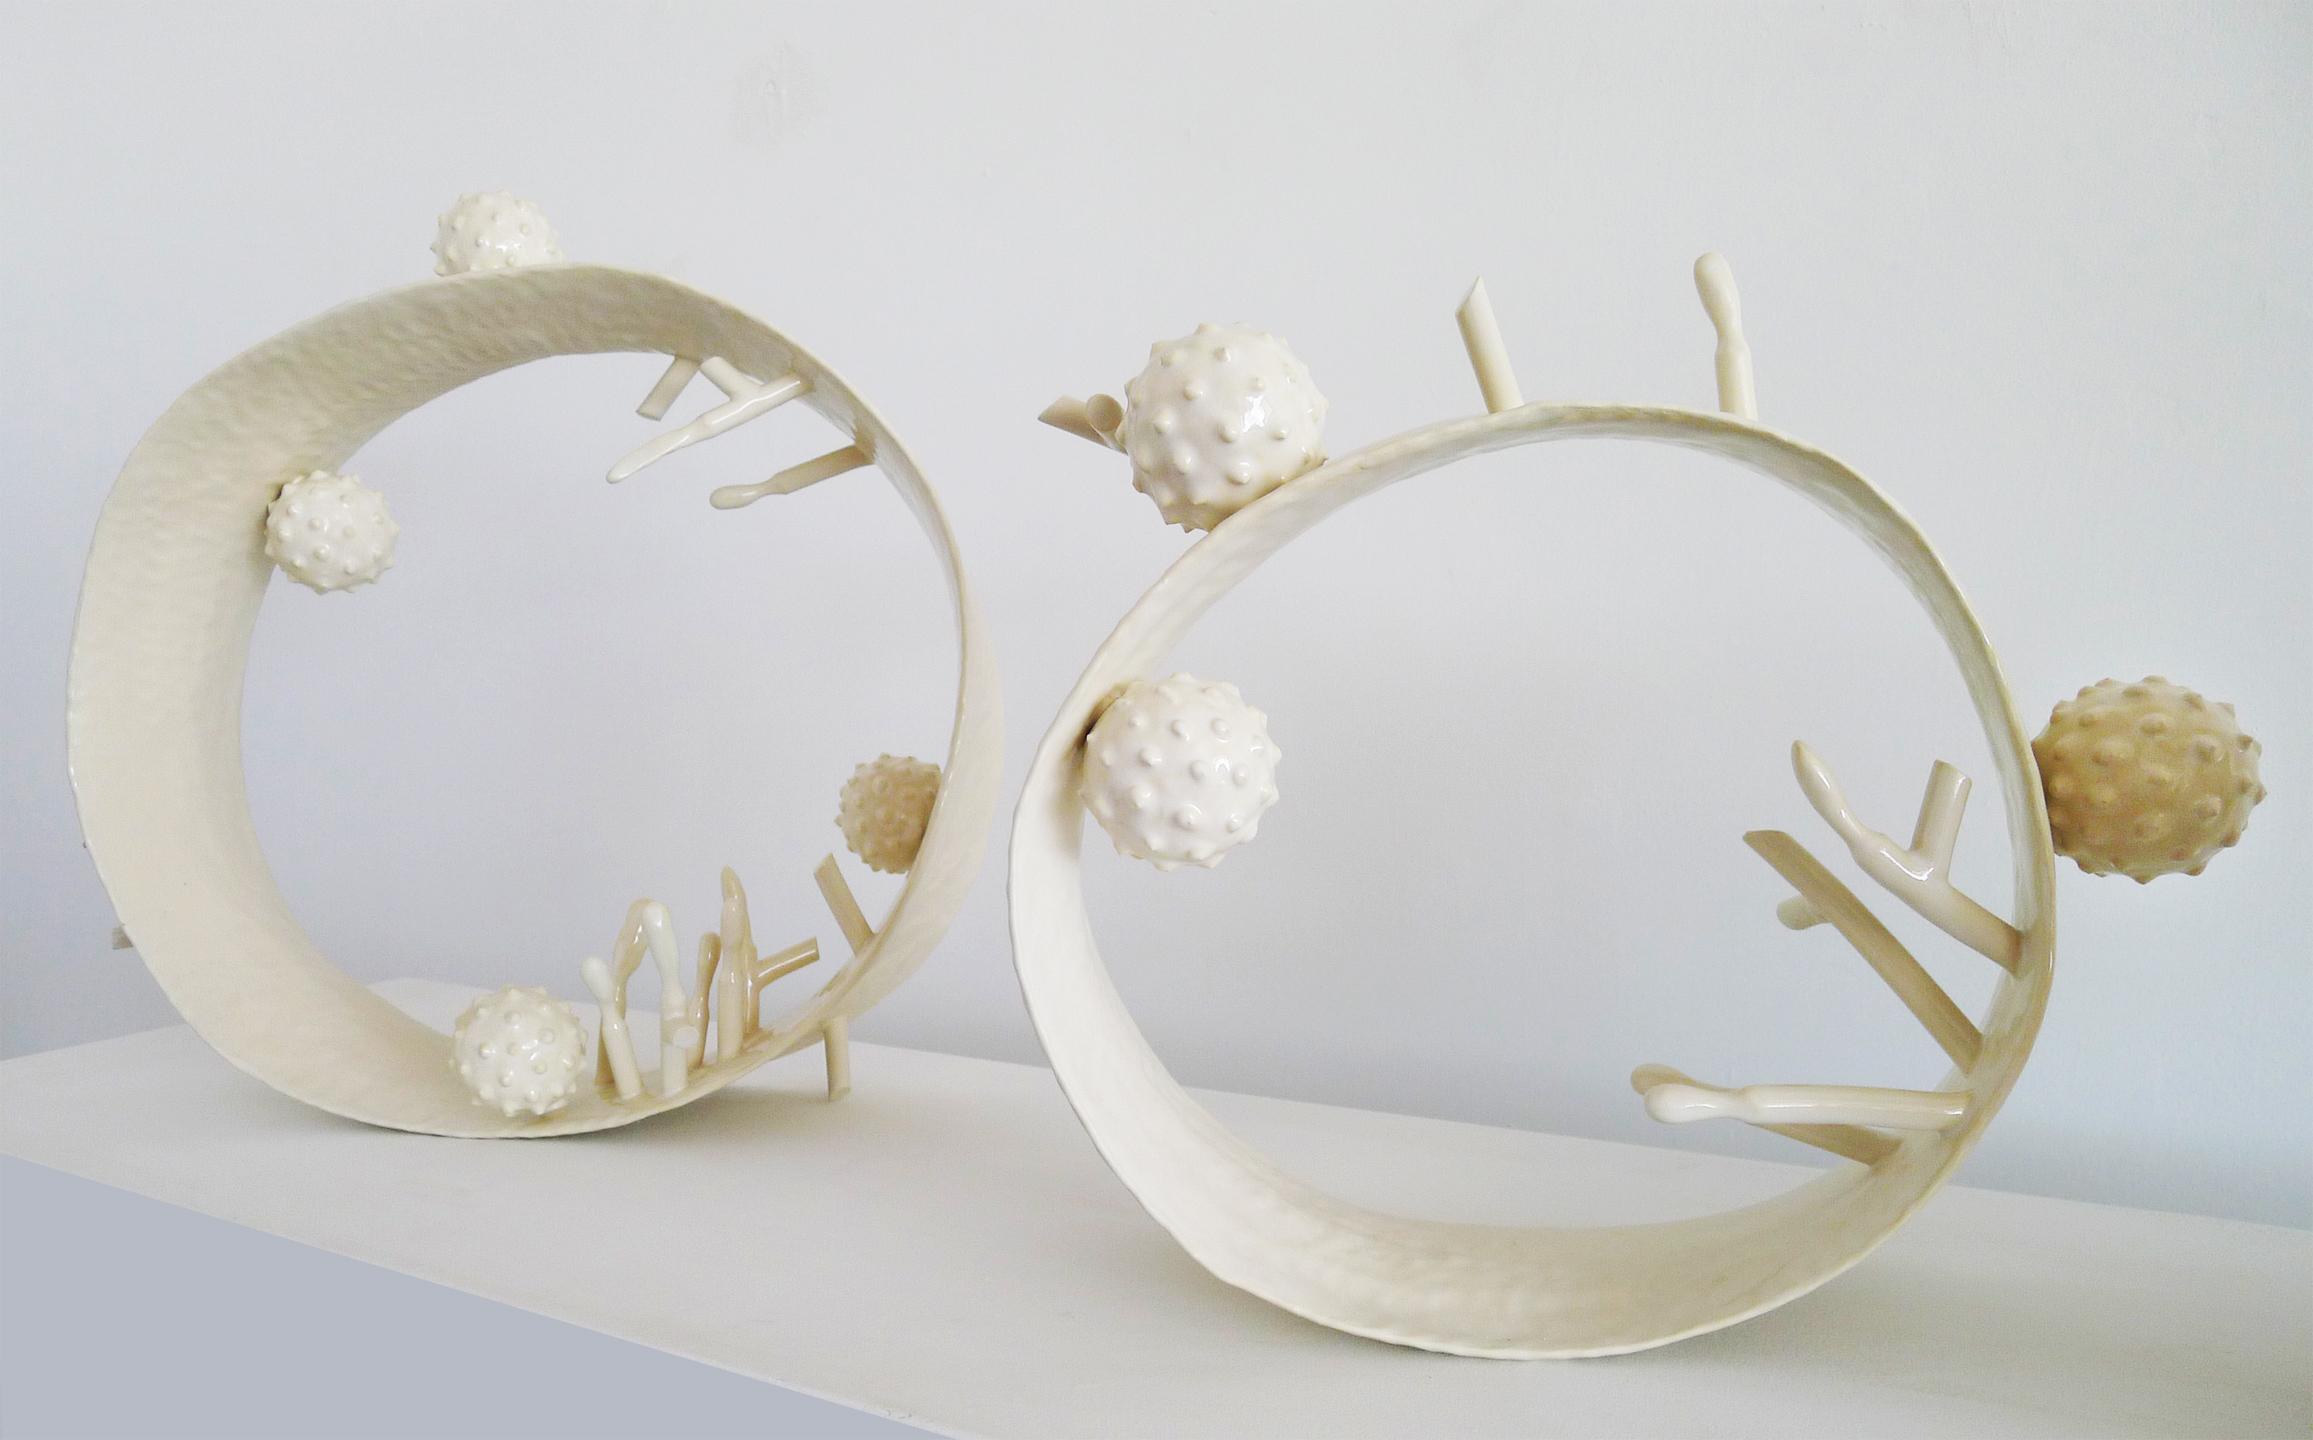 sculpture14.jpg